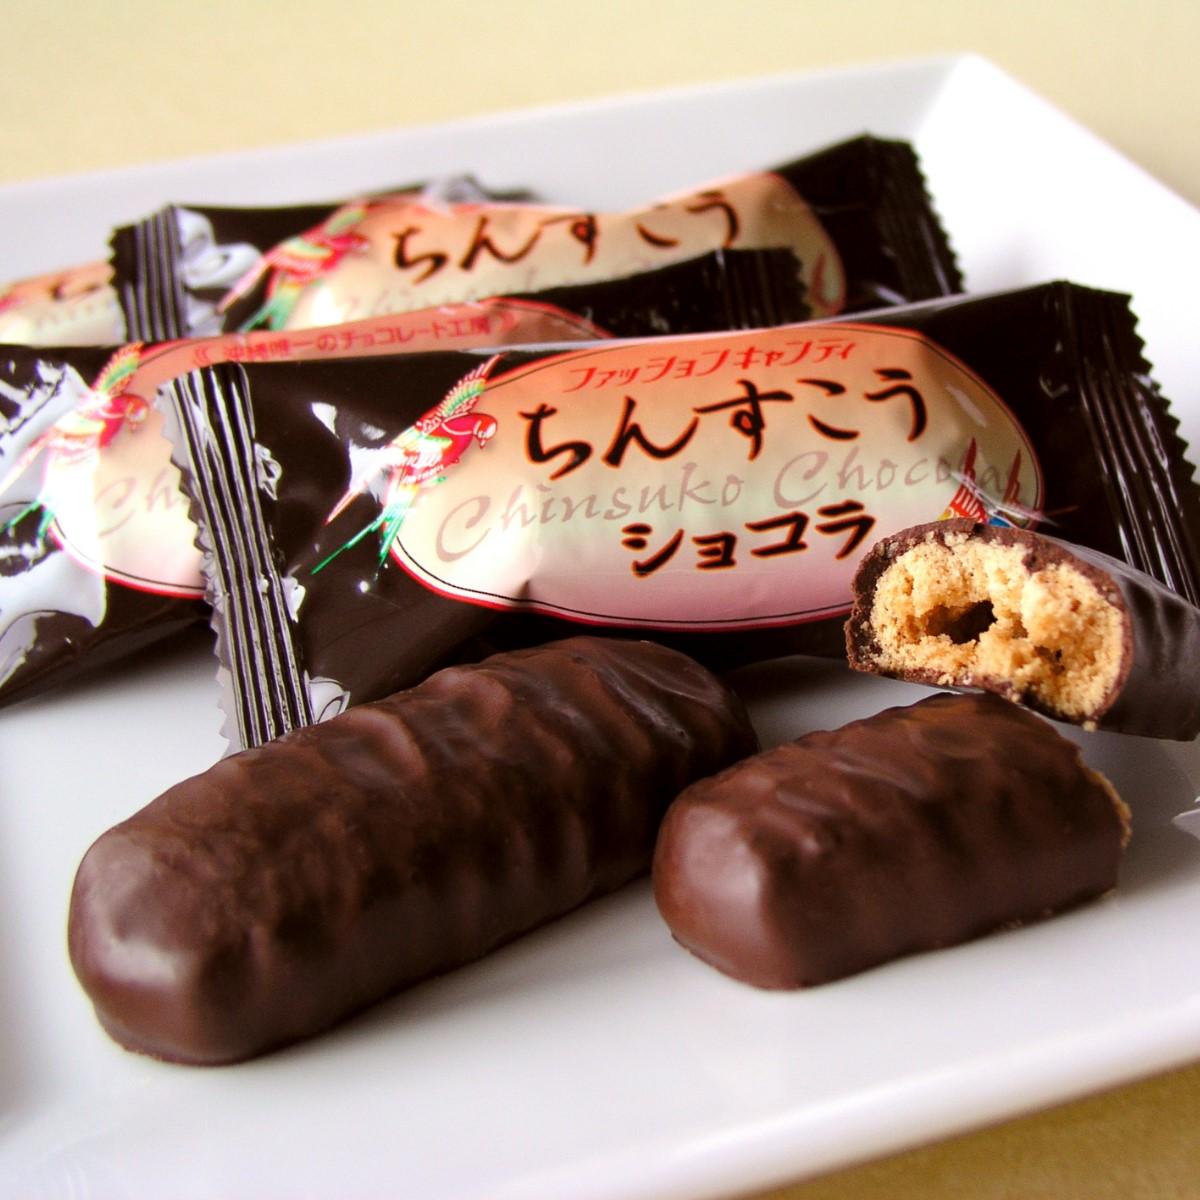 ちんすこうショコラ ポケットタイプ(5個入)ダーク&ミルク